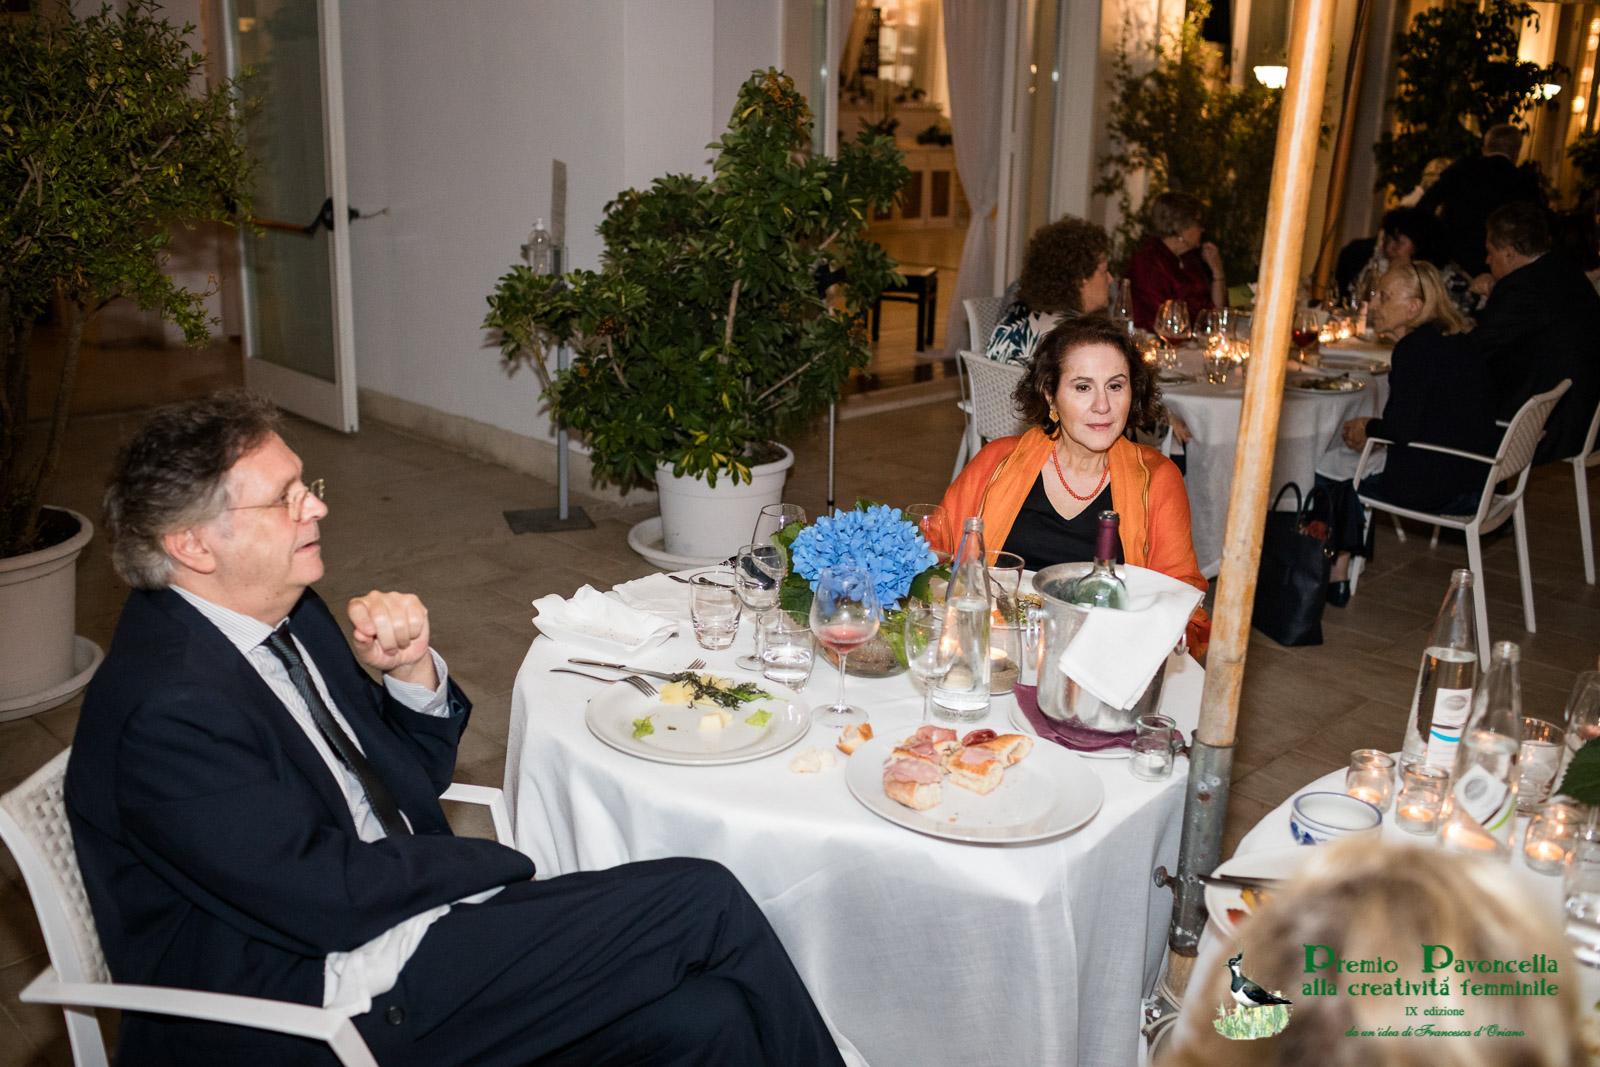 Lo sceneggiatore e regista Graziano Diana, componente il Comitato d'Onore della Pavoncella, con la moglie Mercedes